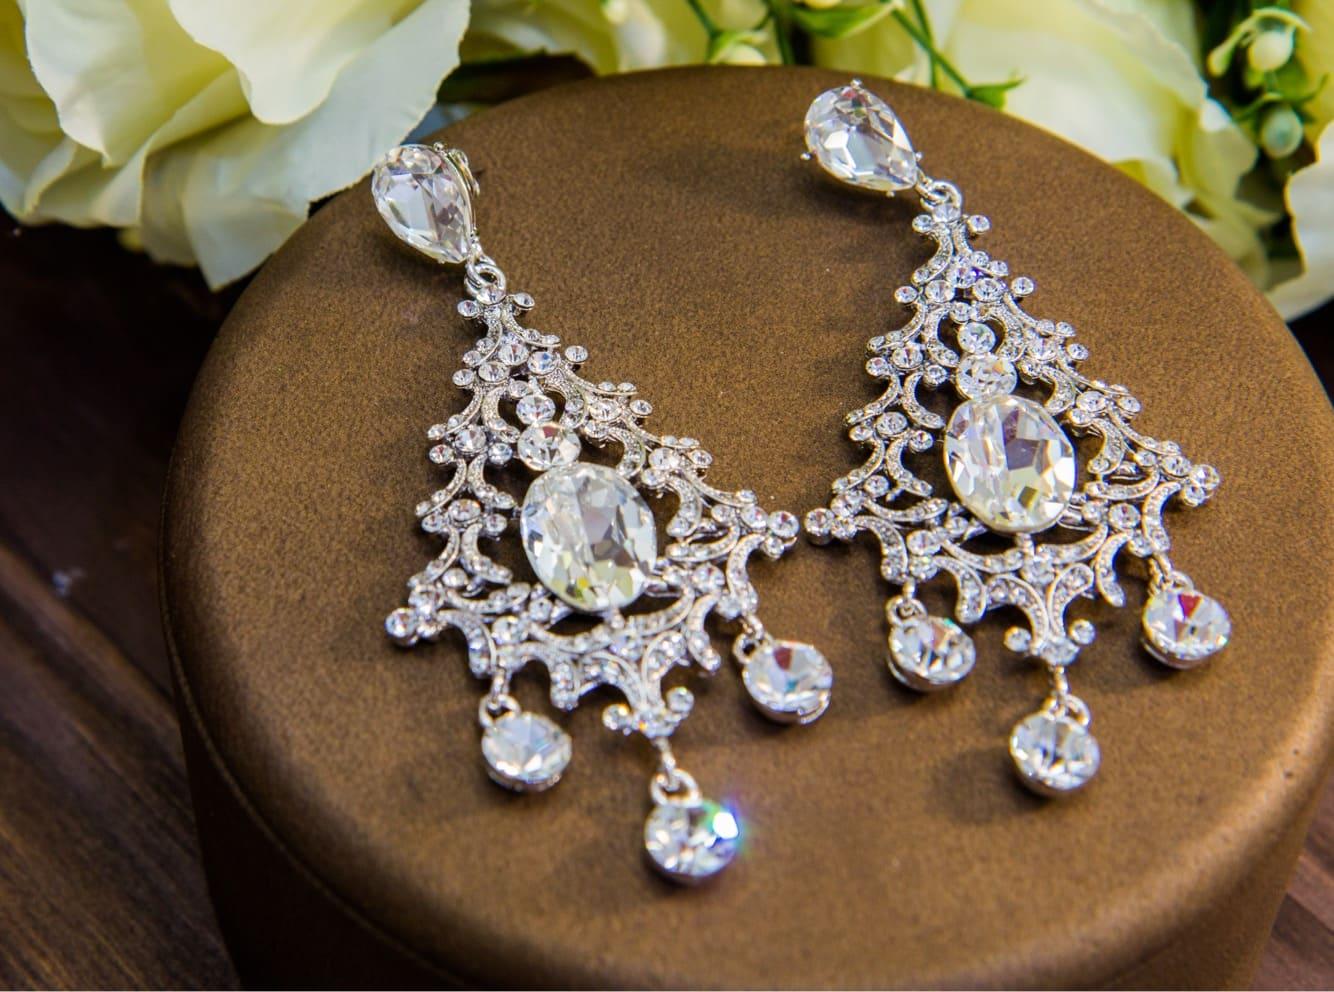 Изысканные сережки с фигурными подвесками и крупными серебристыми кристаллами.